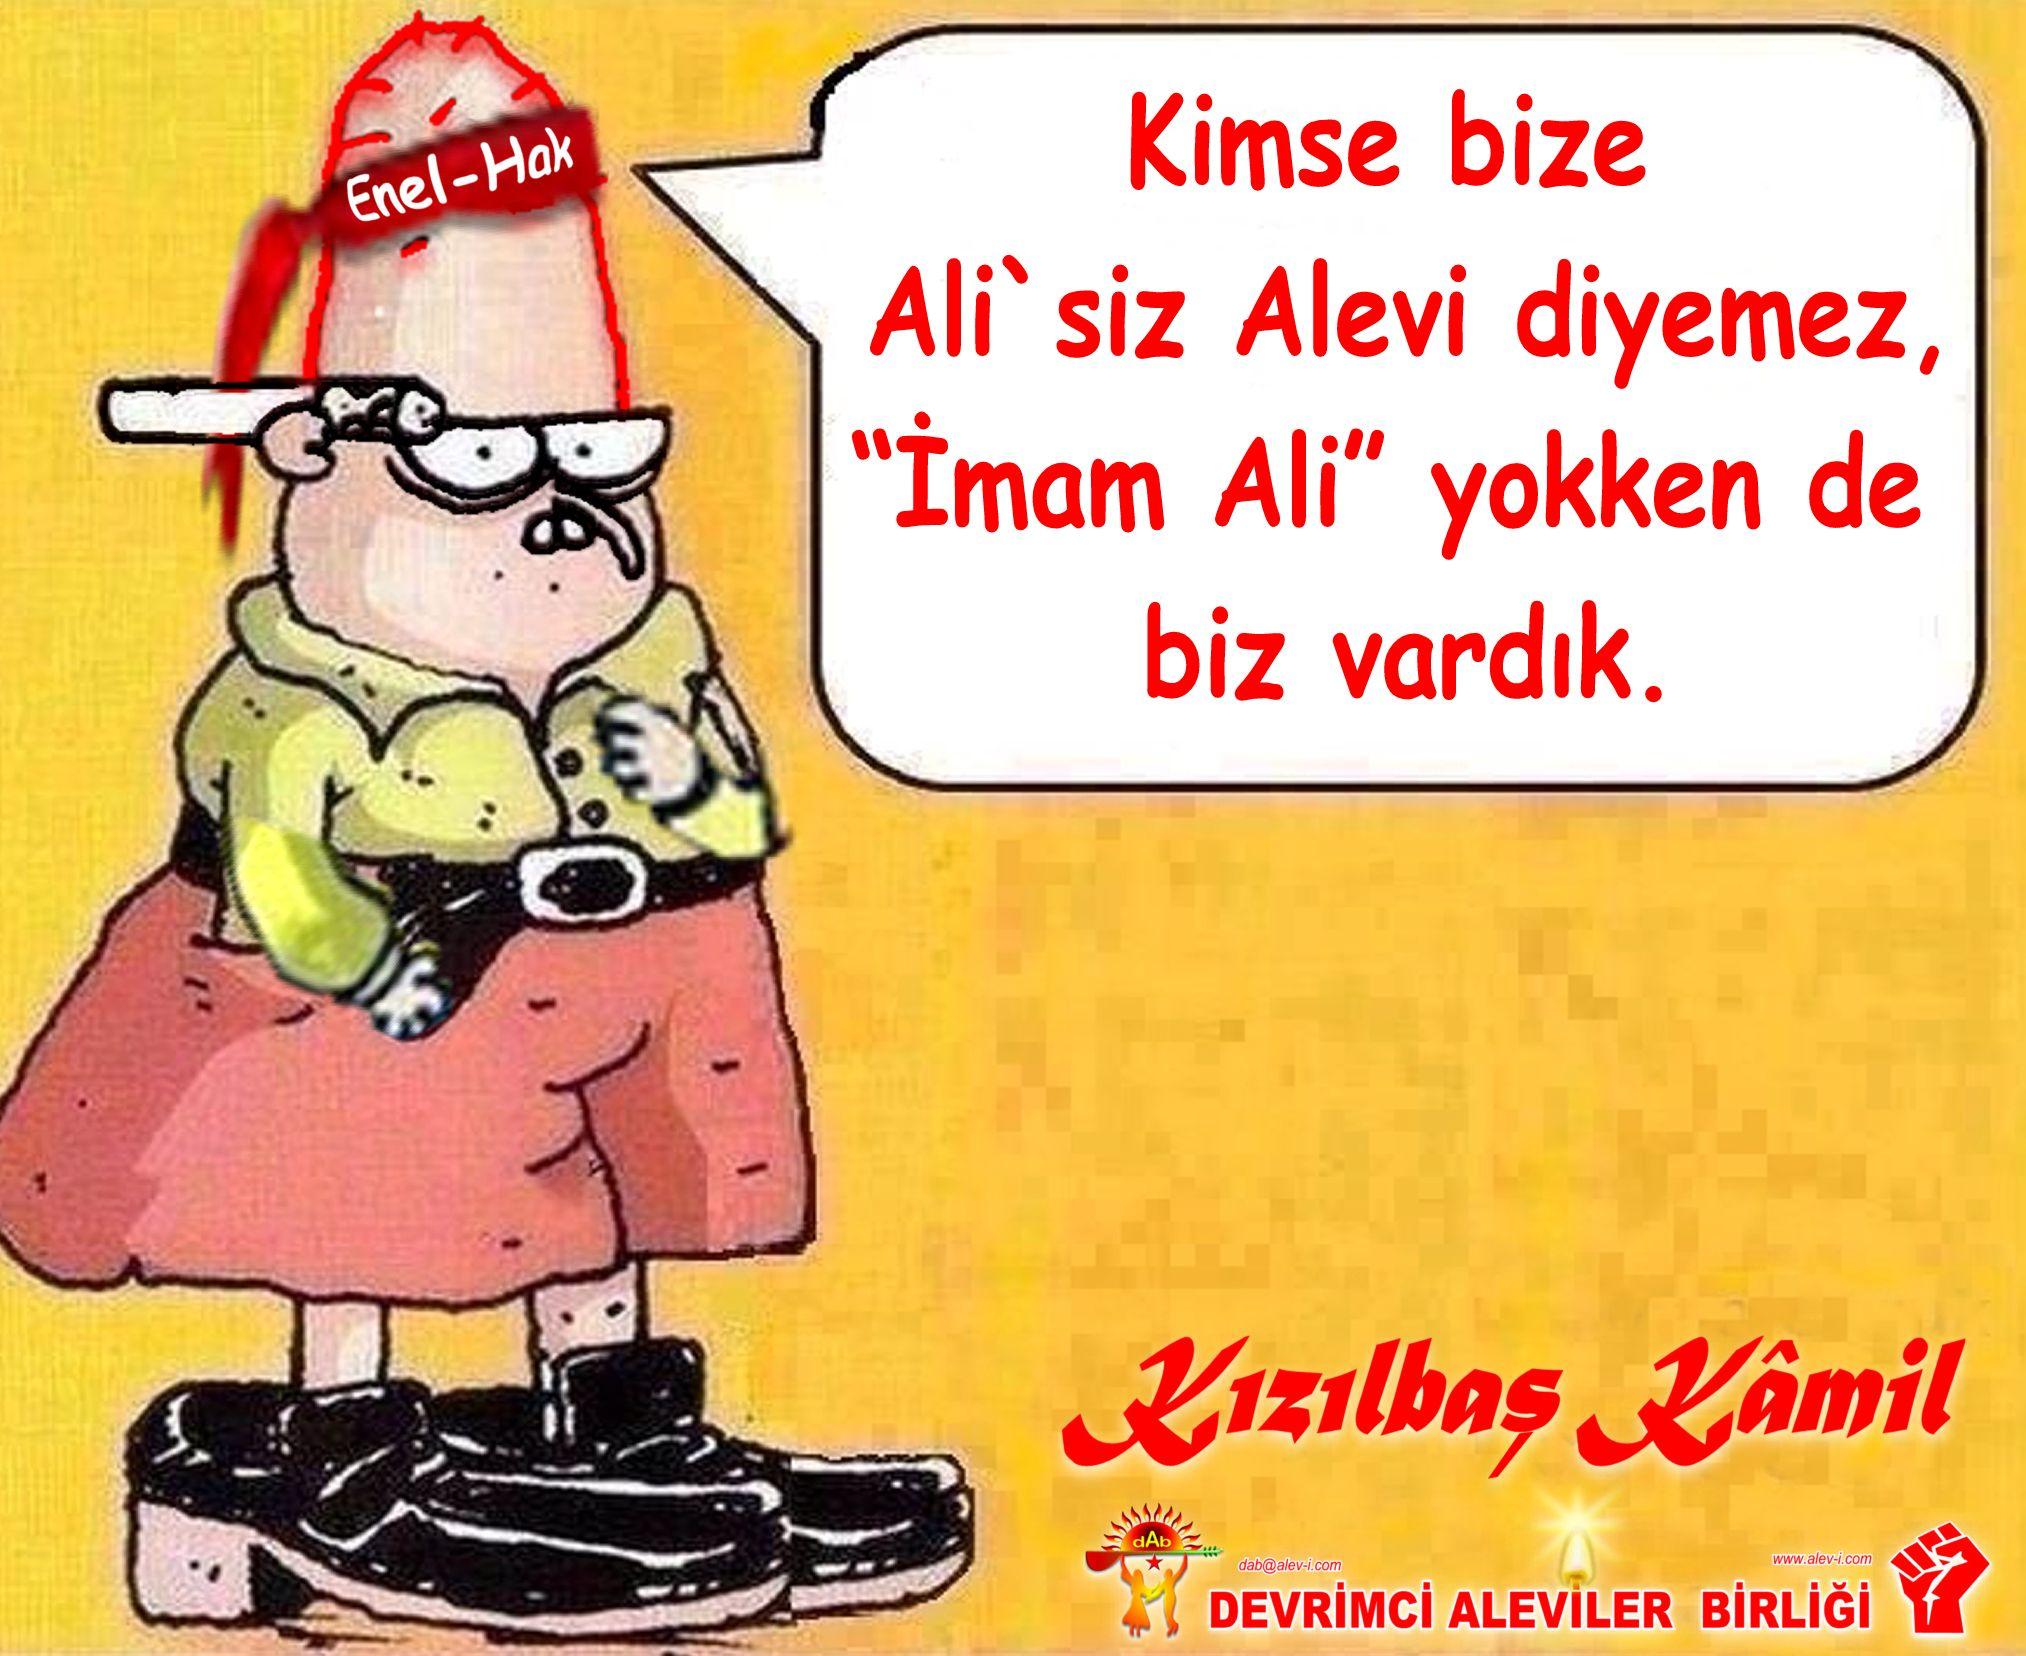 Devrimci Aleviler Birliği DAB Alevi Kızılbaş Bektaşi pir sultan cem hz Ali 12 imam semah Feramuz Şah Acar kizilbas kamil enel hak ben vardim